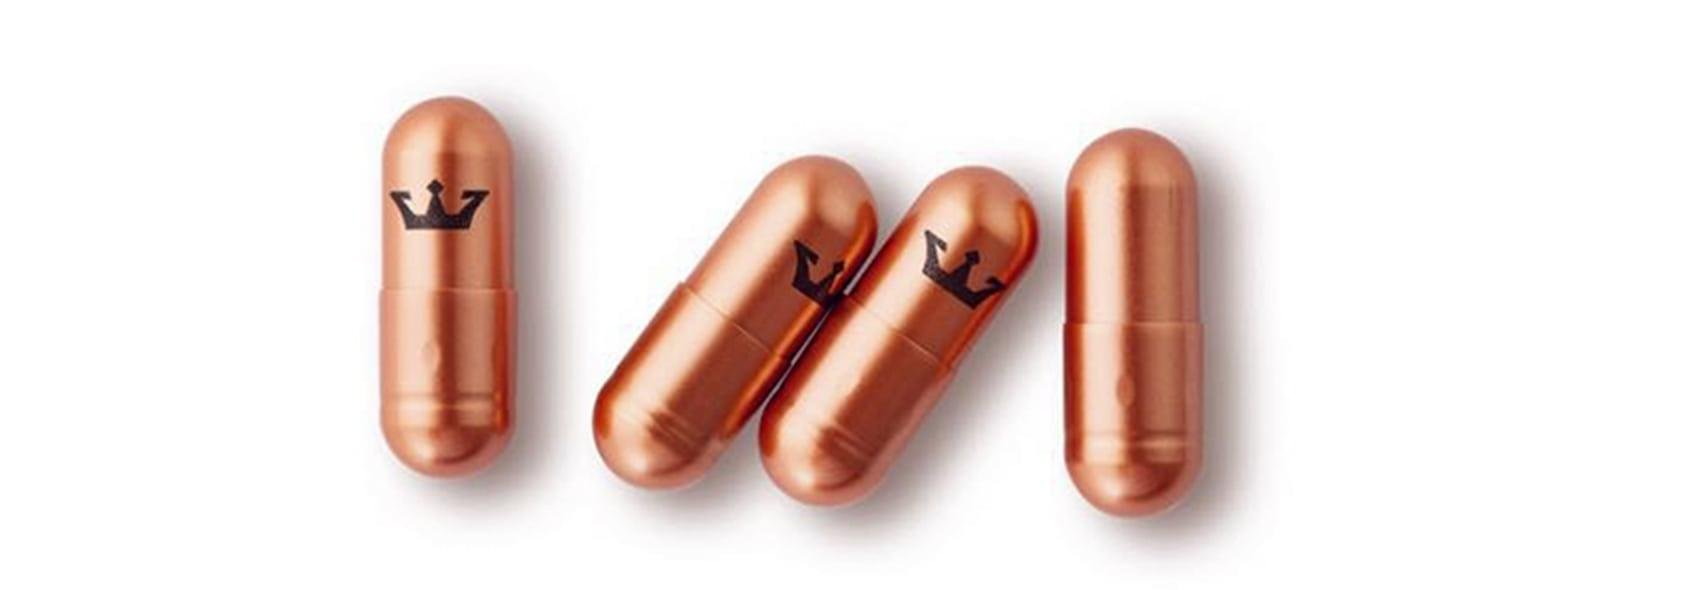 Vitamin K2 4 x pills